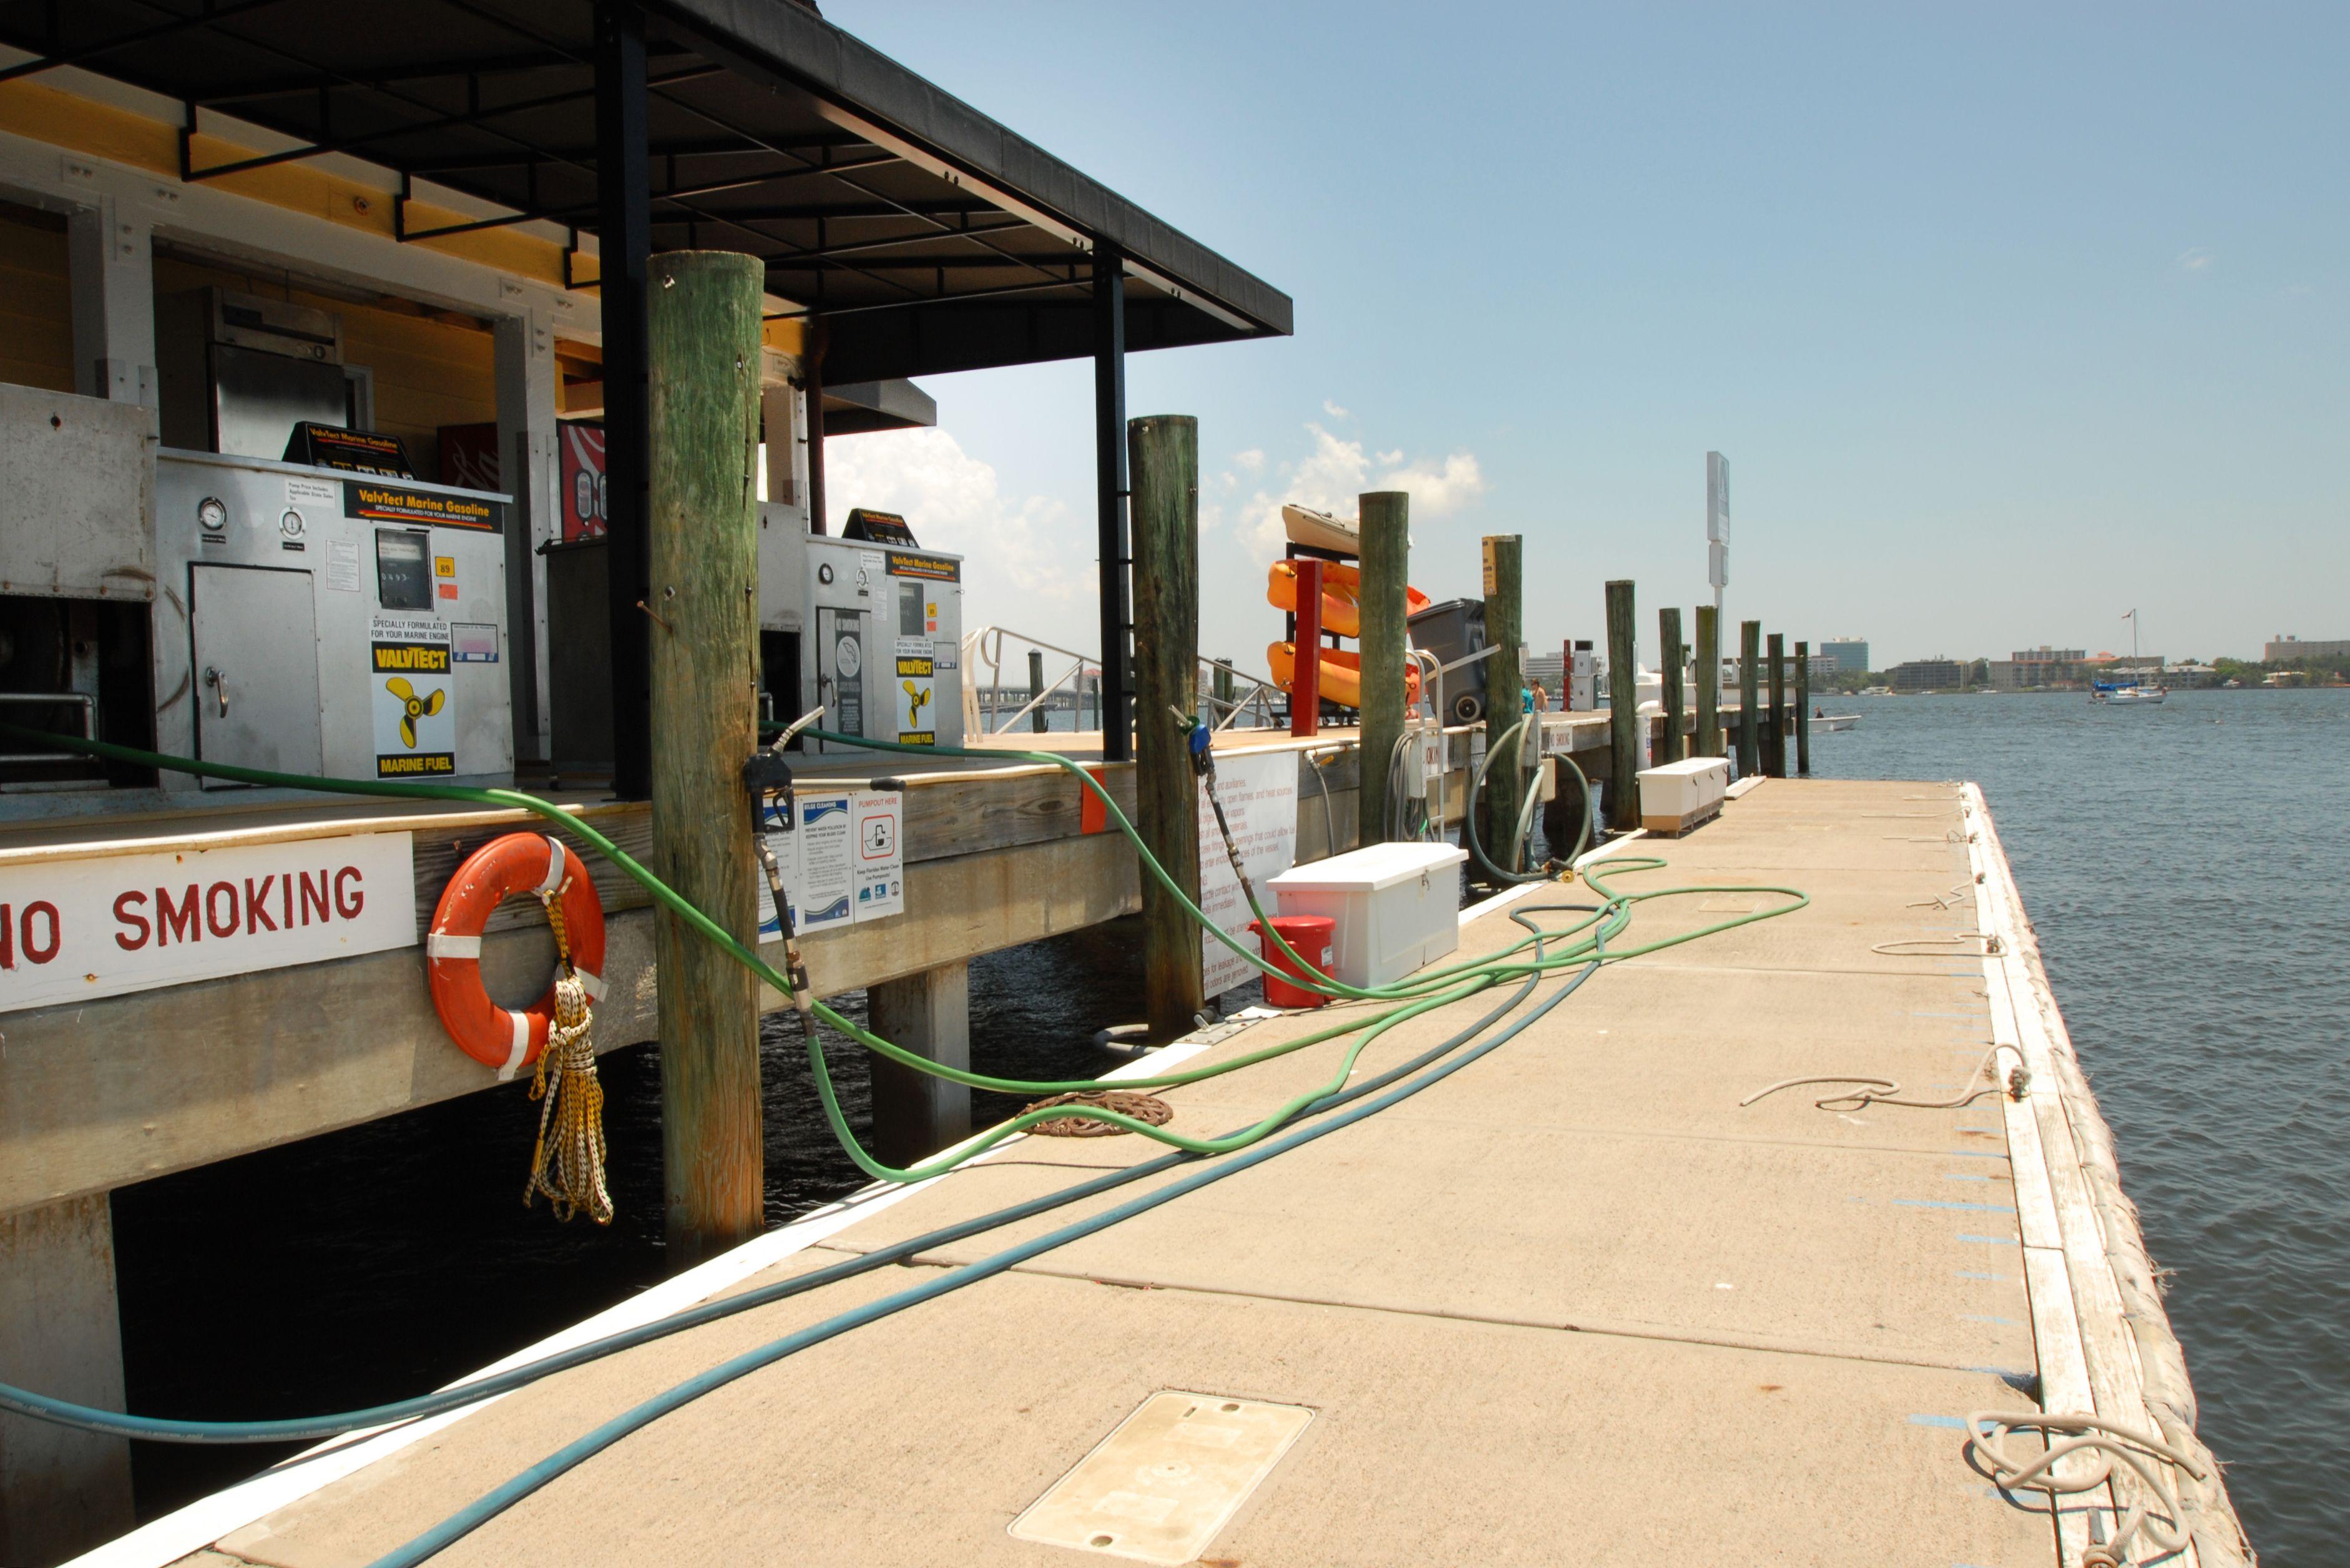 38+ Marina fuel near me ideas